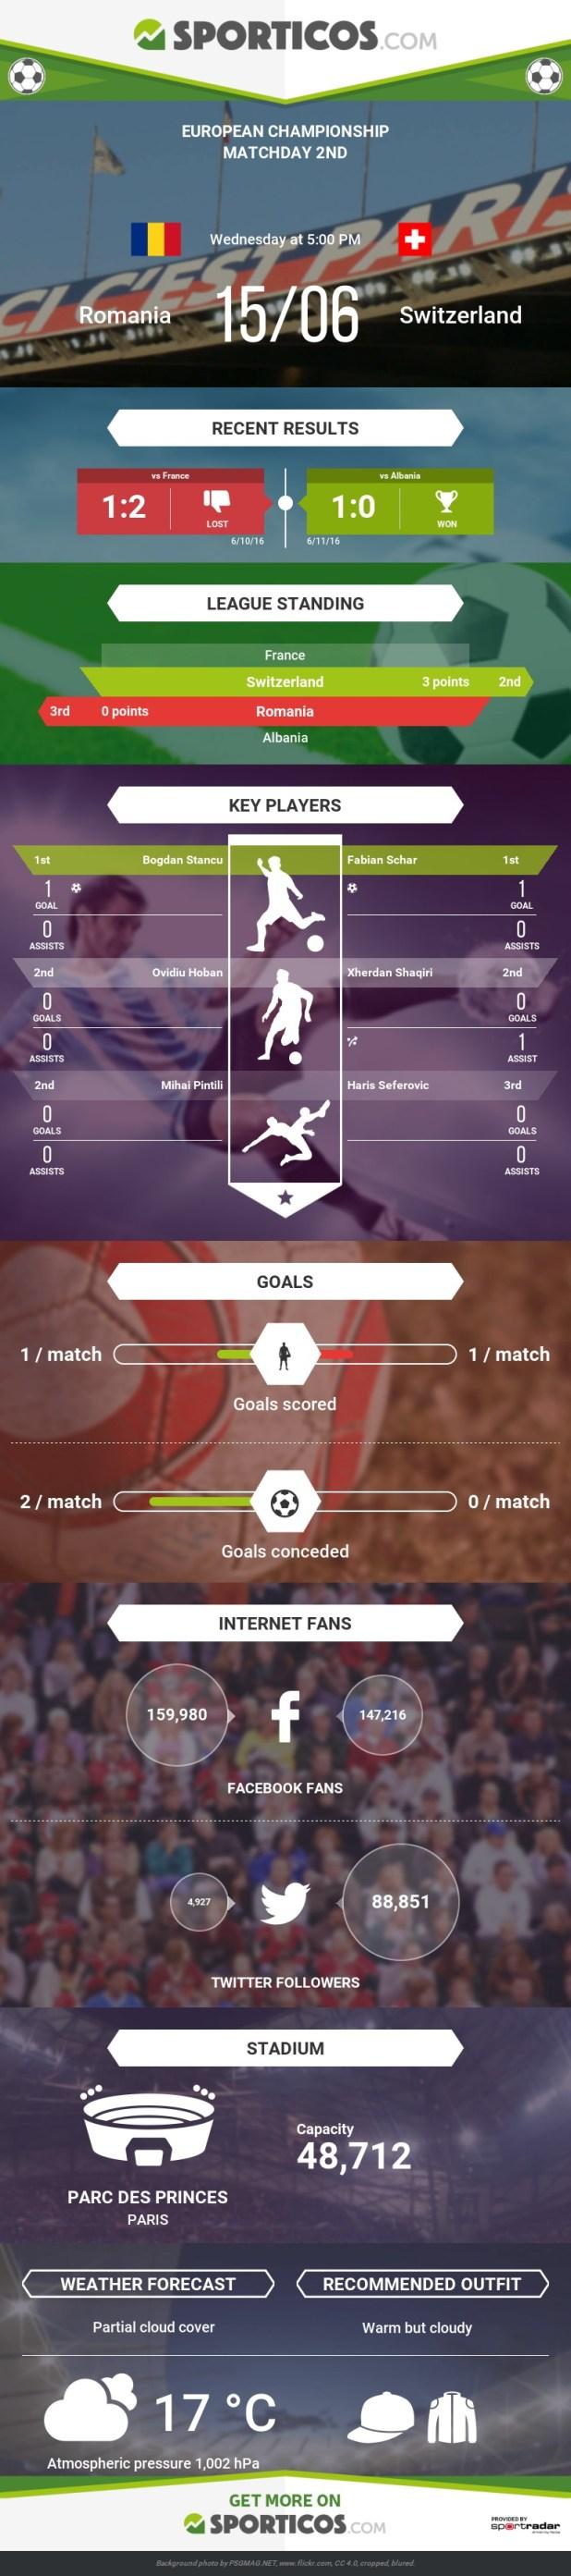 Sporticos_com_romania_vs_switzerland